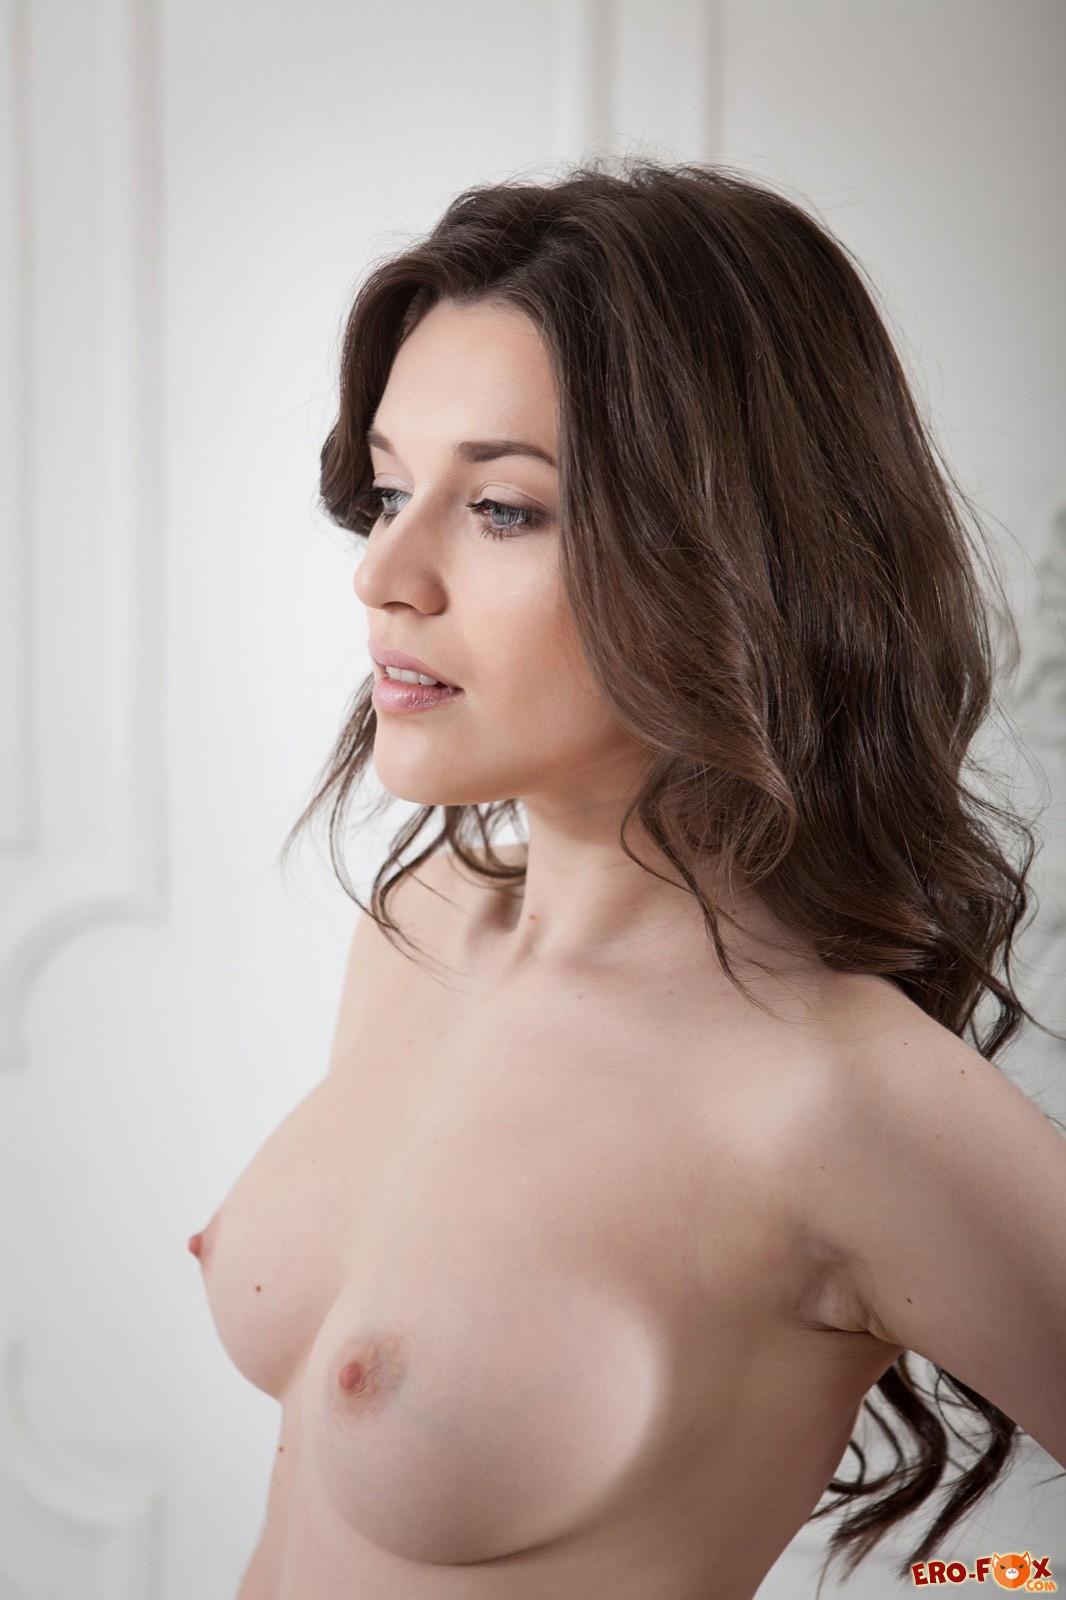 Сексуальная девушка с красивой голой писькой